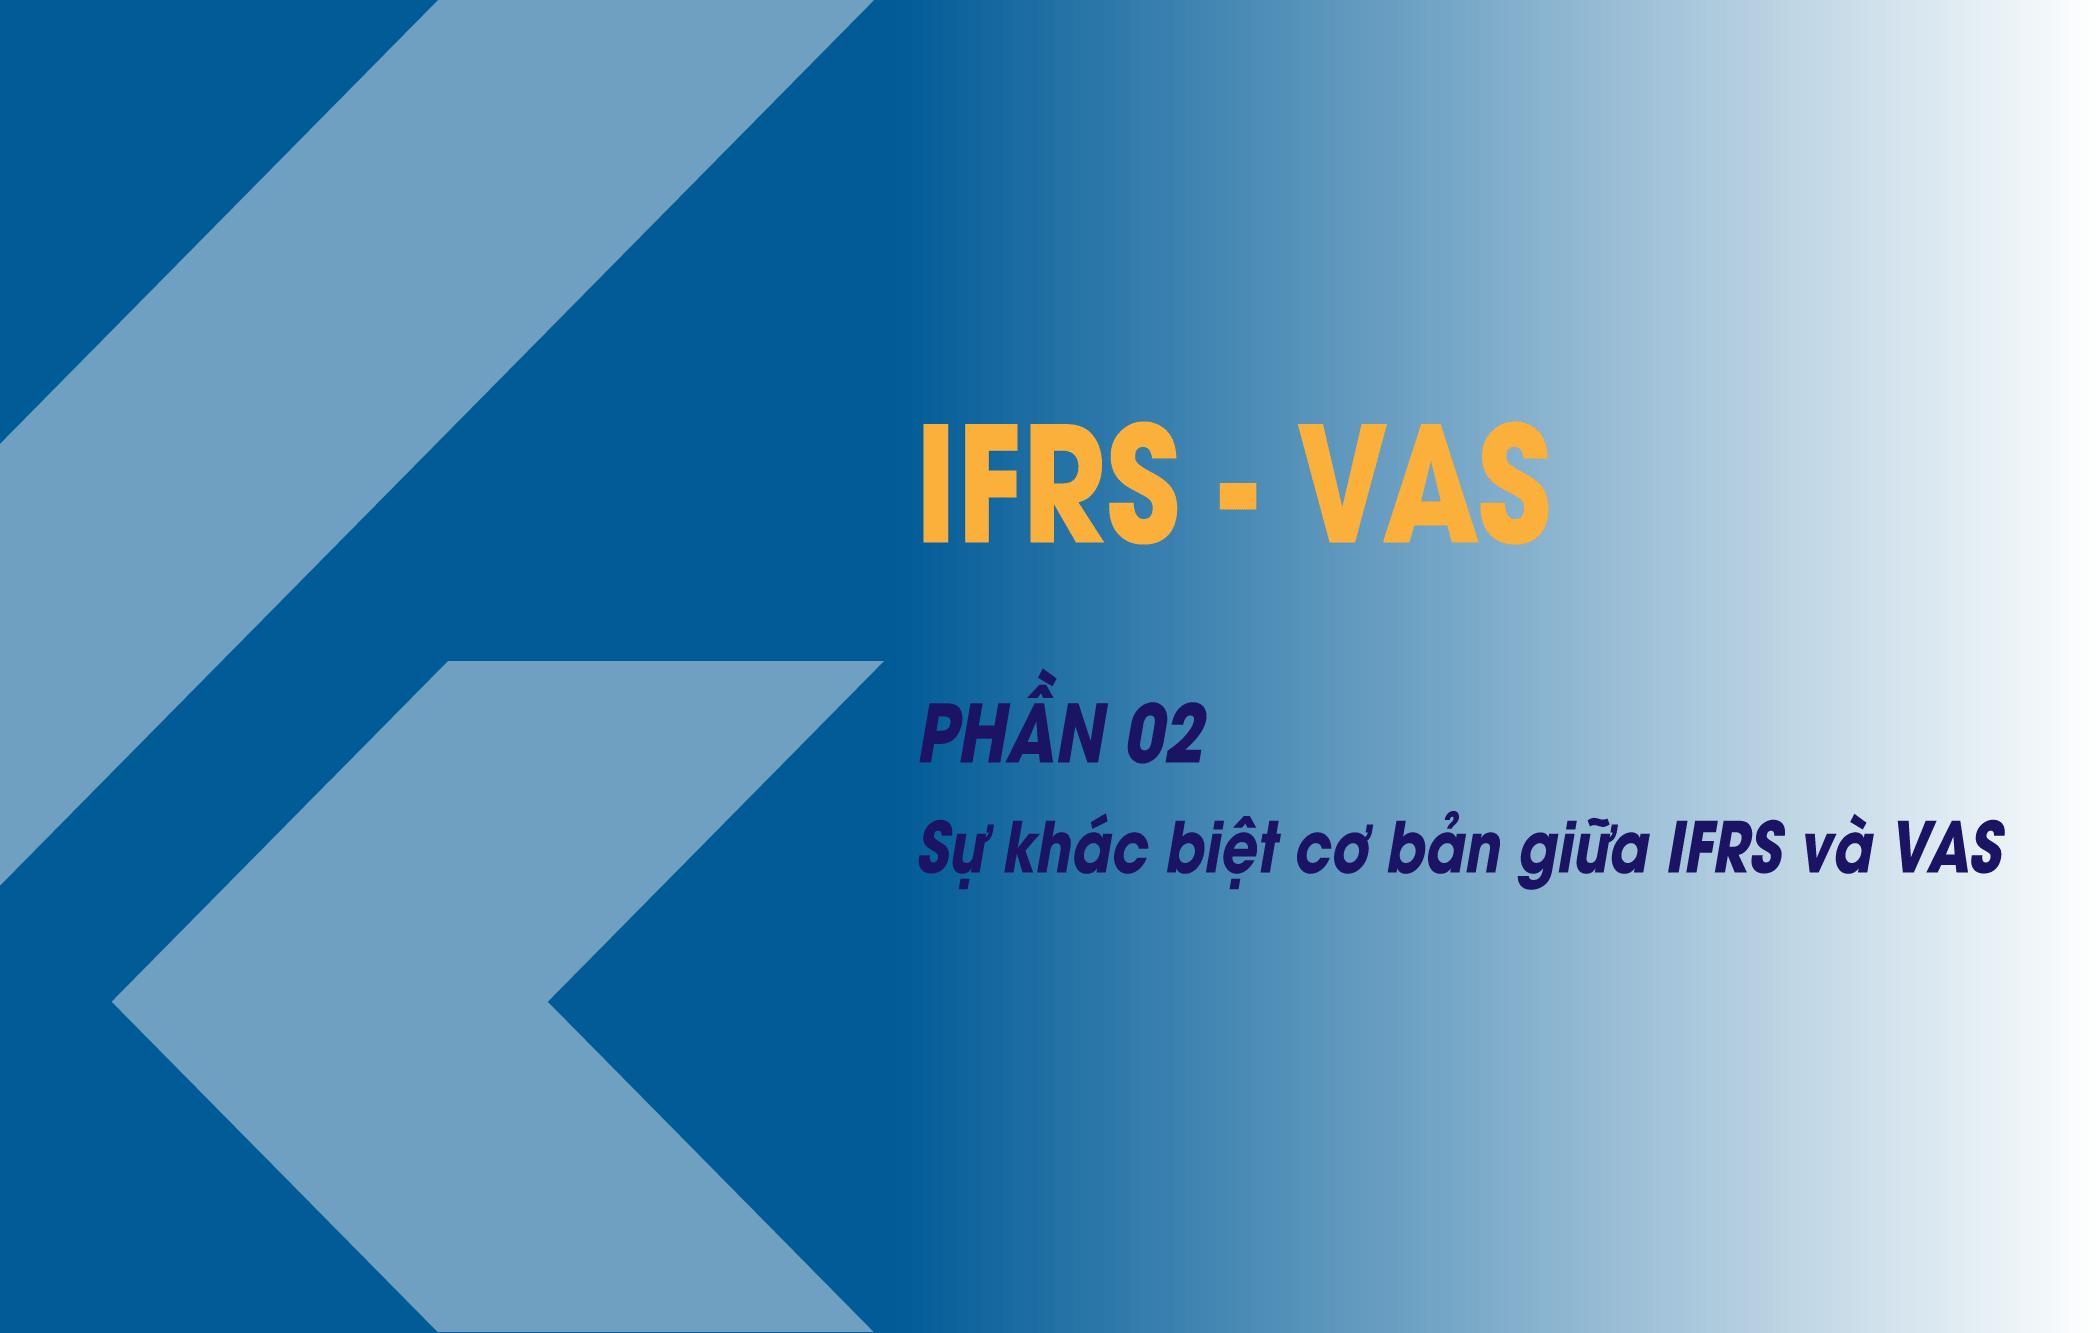 Phần 02 - Sự khác biệt giữa IFRS và VAS